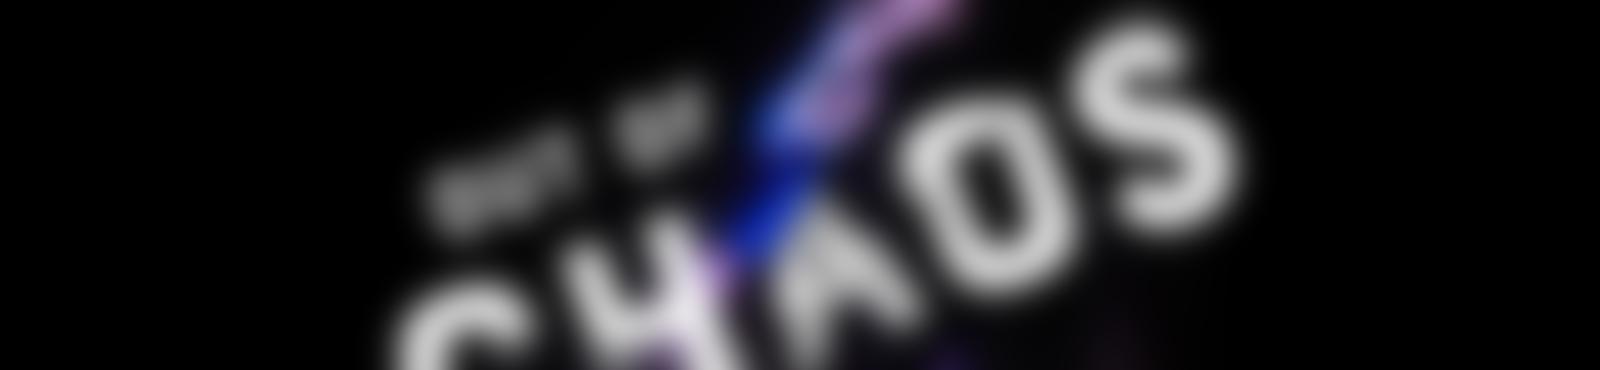 Blurred 0d92eea9 6f2f 4ade 93ed 8cb3cb9a11c6